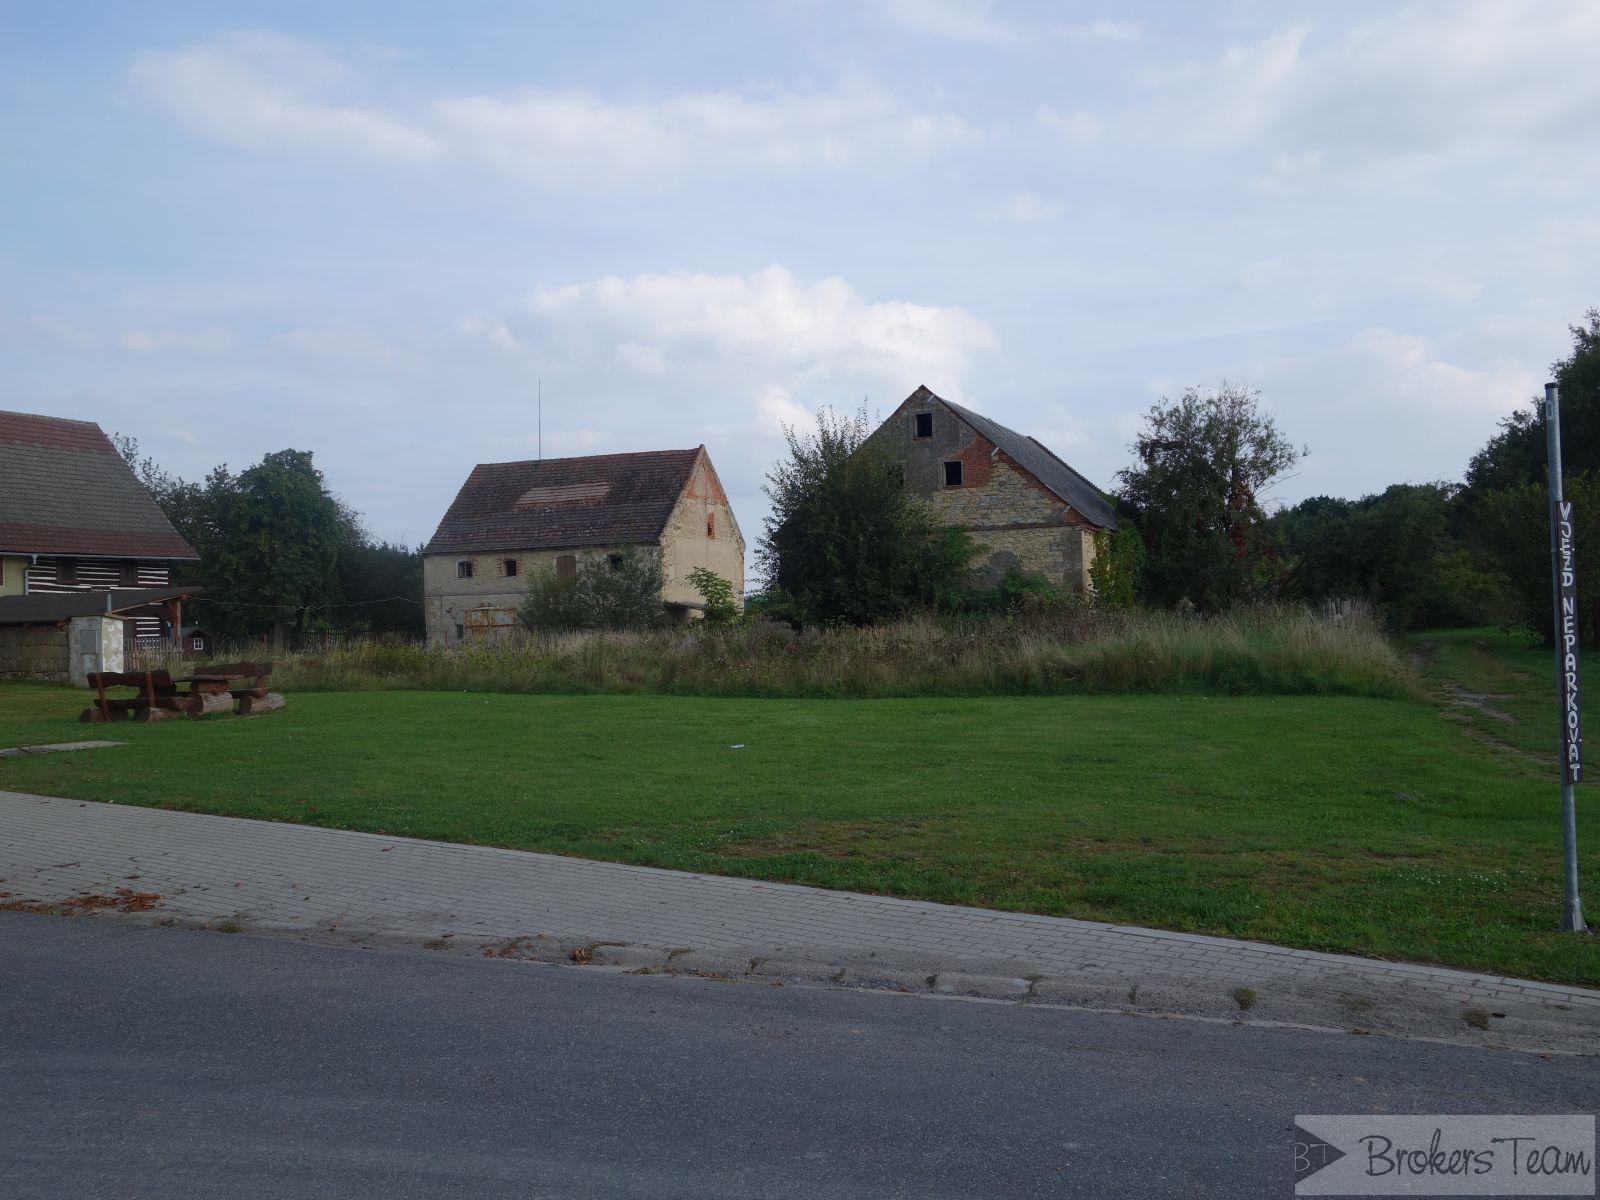 prodej stavebního pozemku 627m2 v centru malé obce Skalka, oblast Kokořínsko